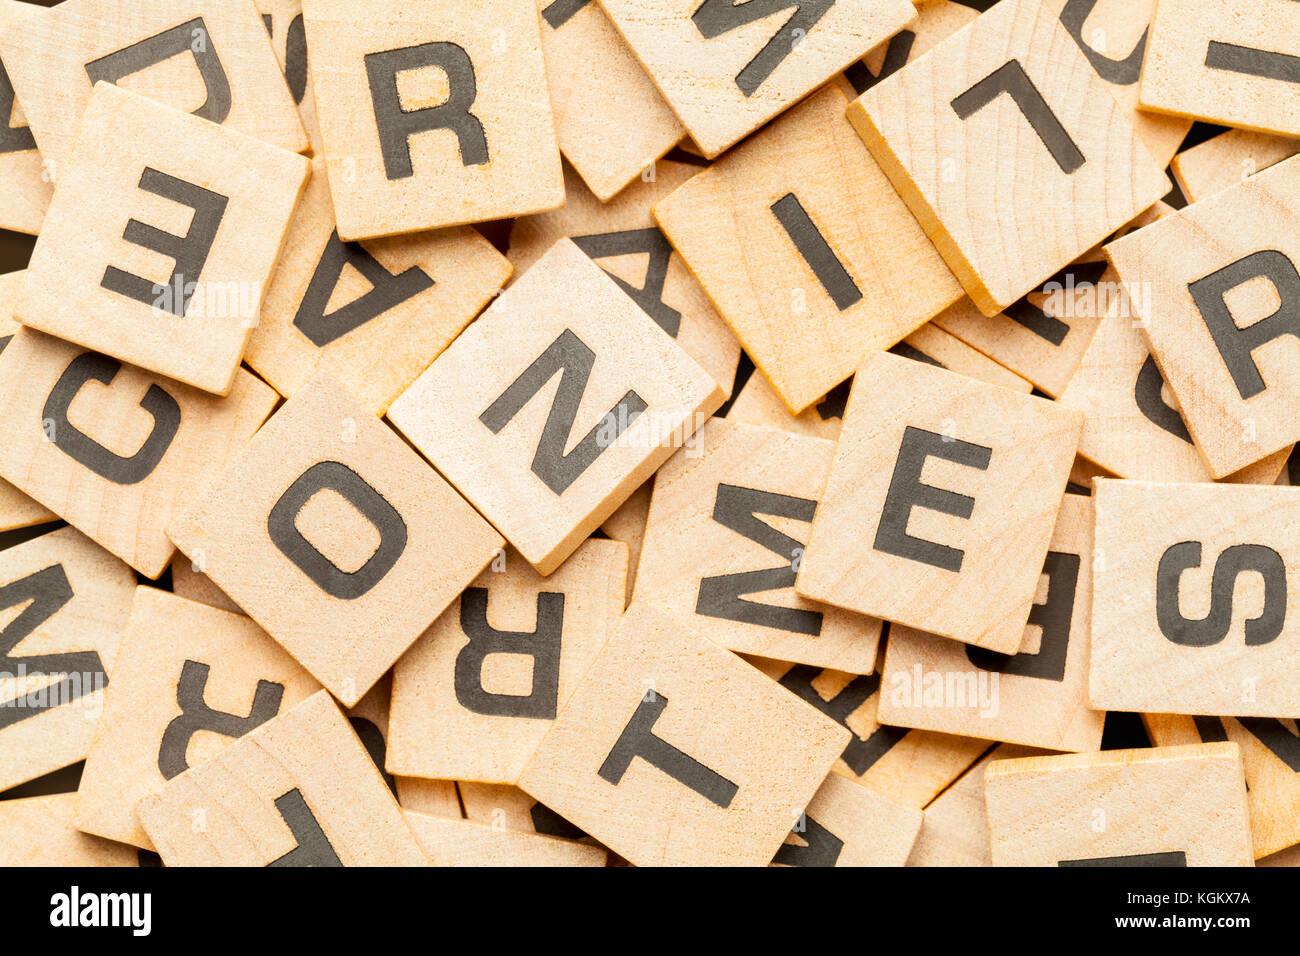 Tas de bois carreaux jeu lettre arrière-plan. Photo Stock